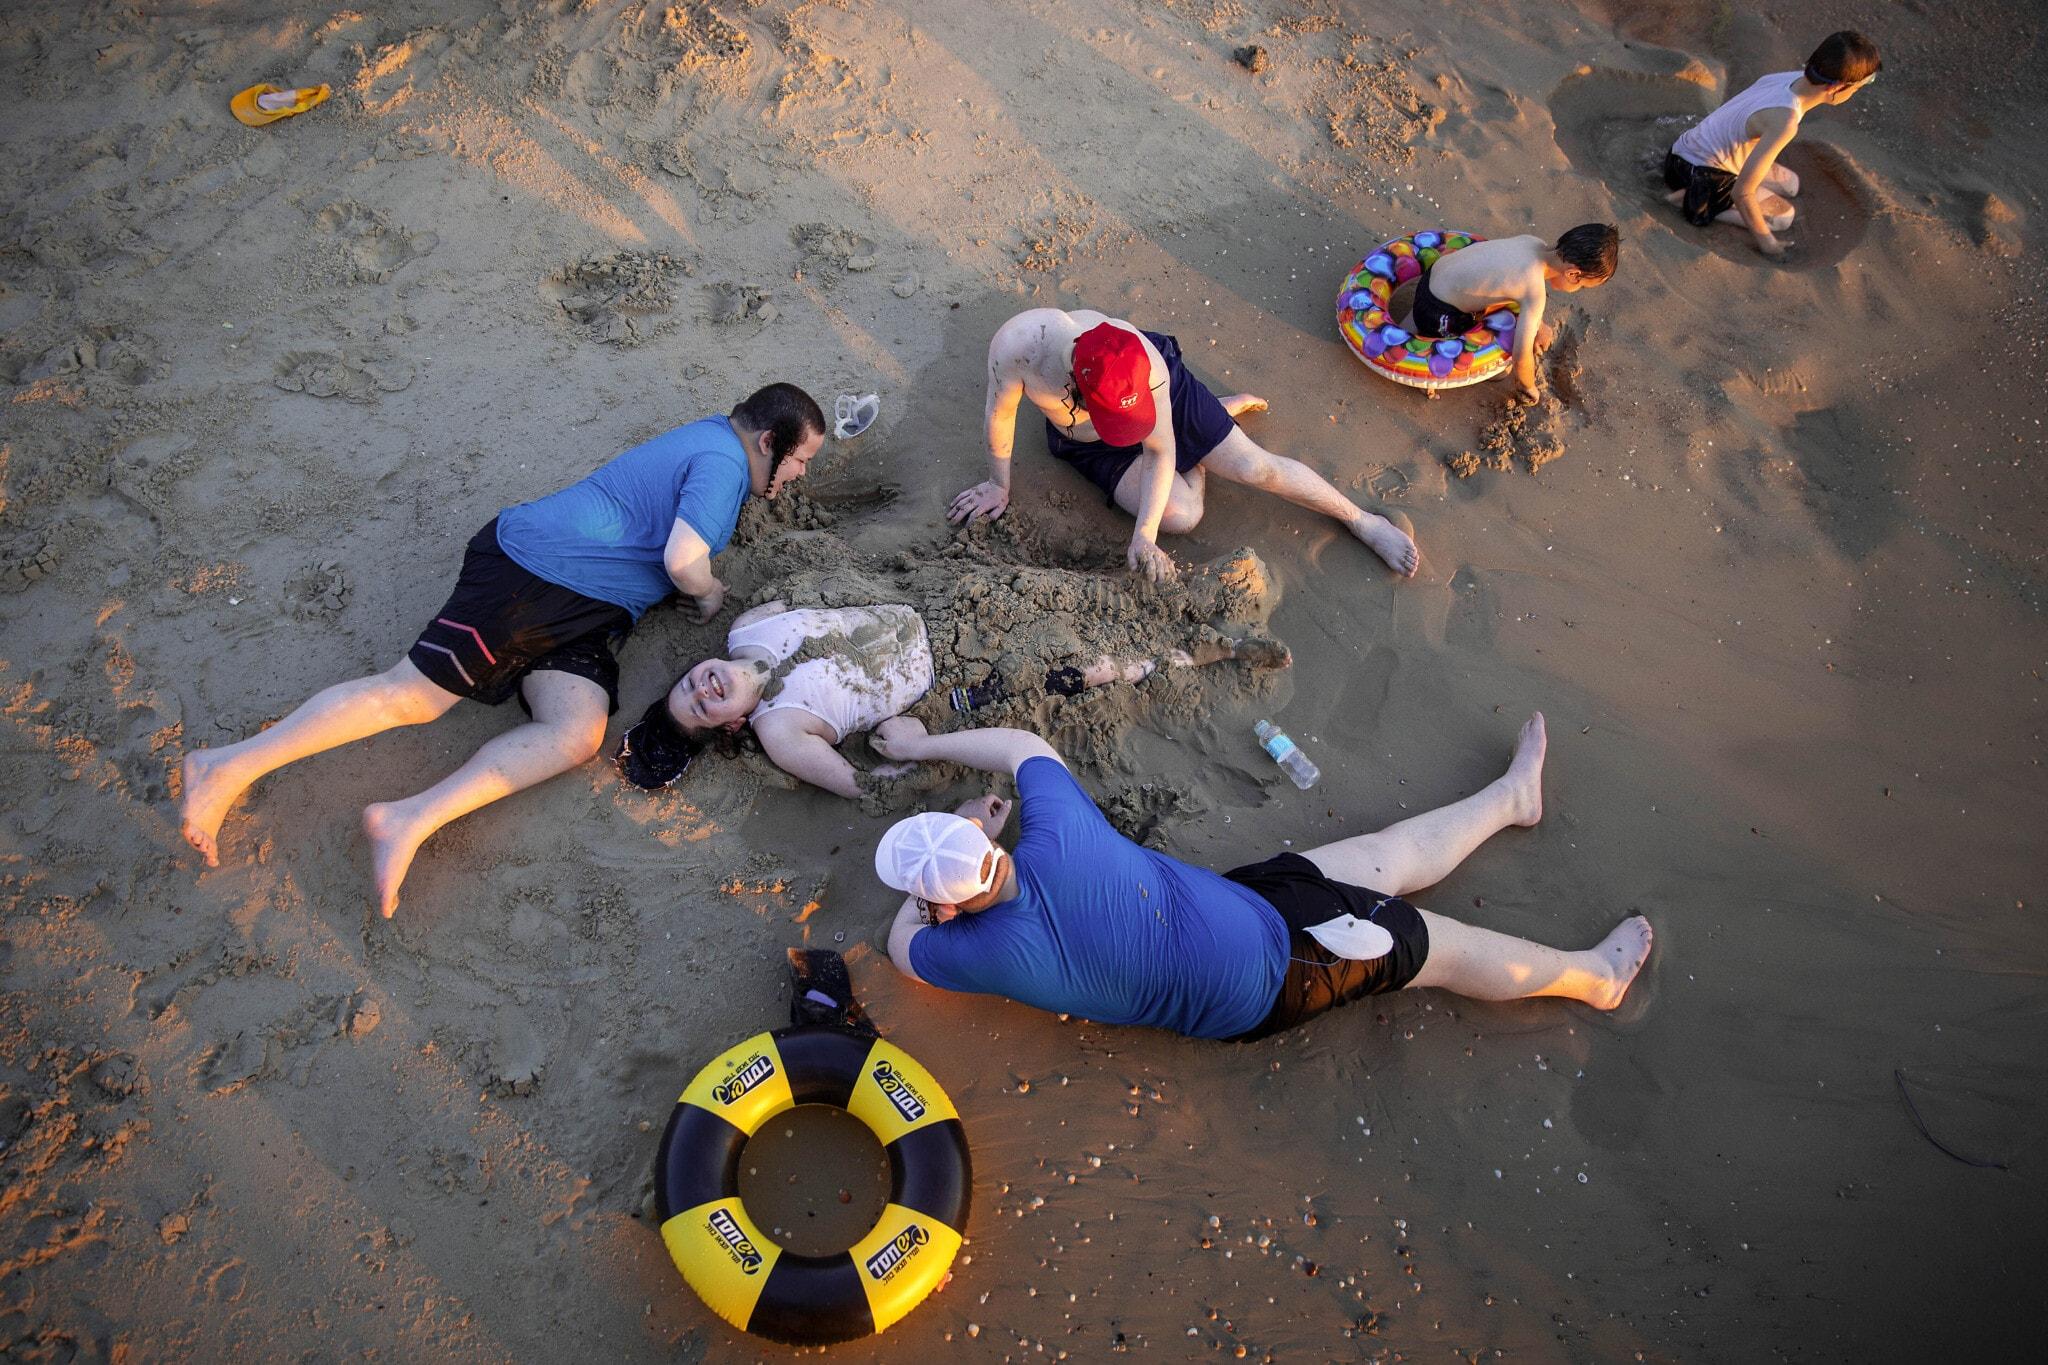 אילוסטרציה, משפחה חרדית (גברים בלבד) רוחצת בחוף הים של תל אביב כהפוגה משגרת הקורונה, אוגוסט 2020 (צילום: AP Photo/Oded Balilty)